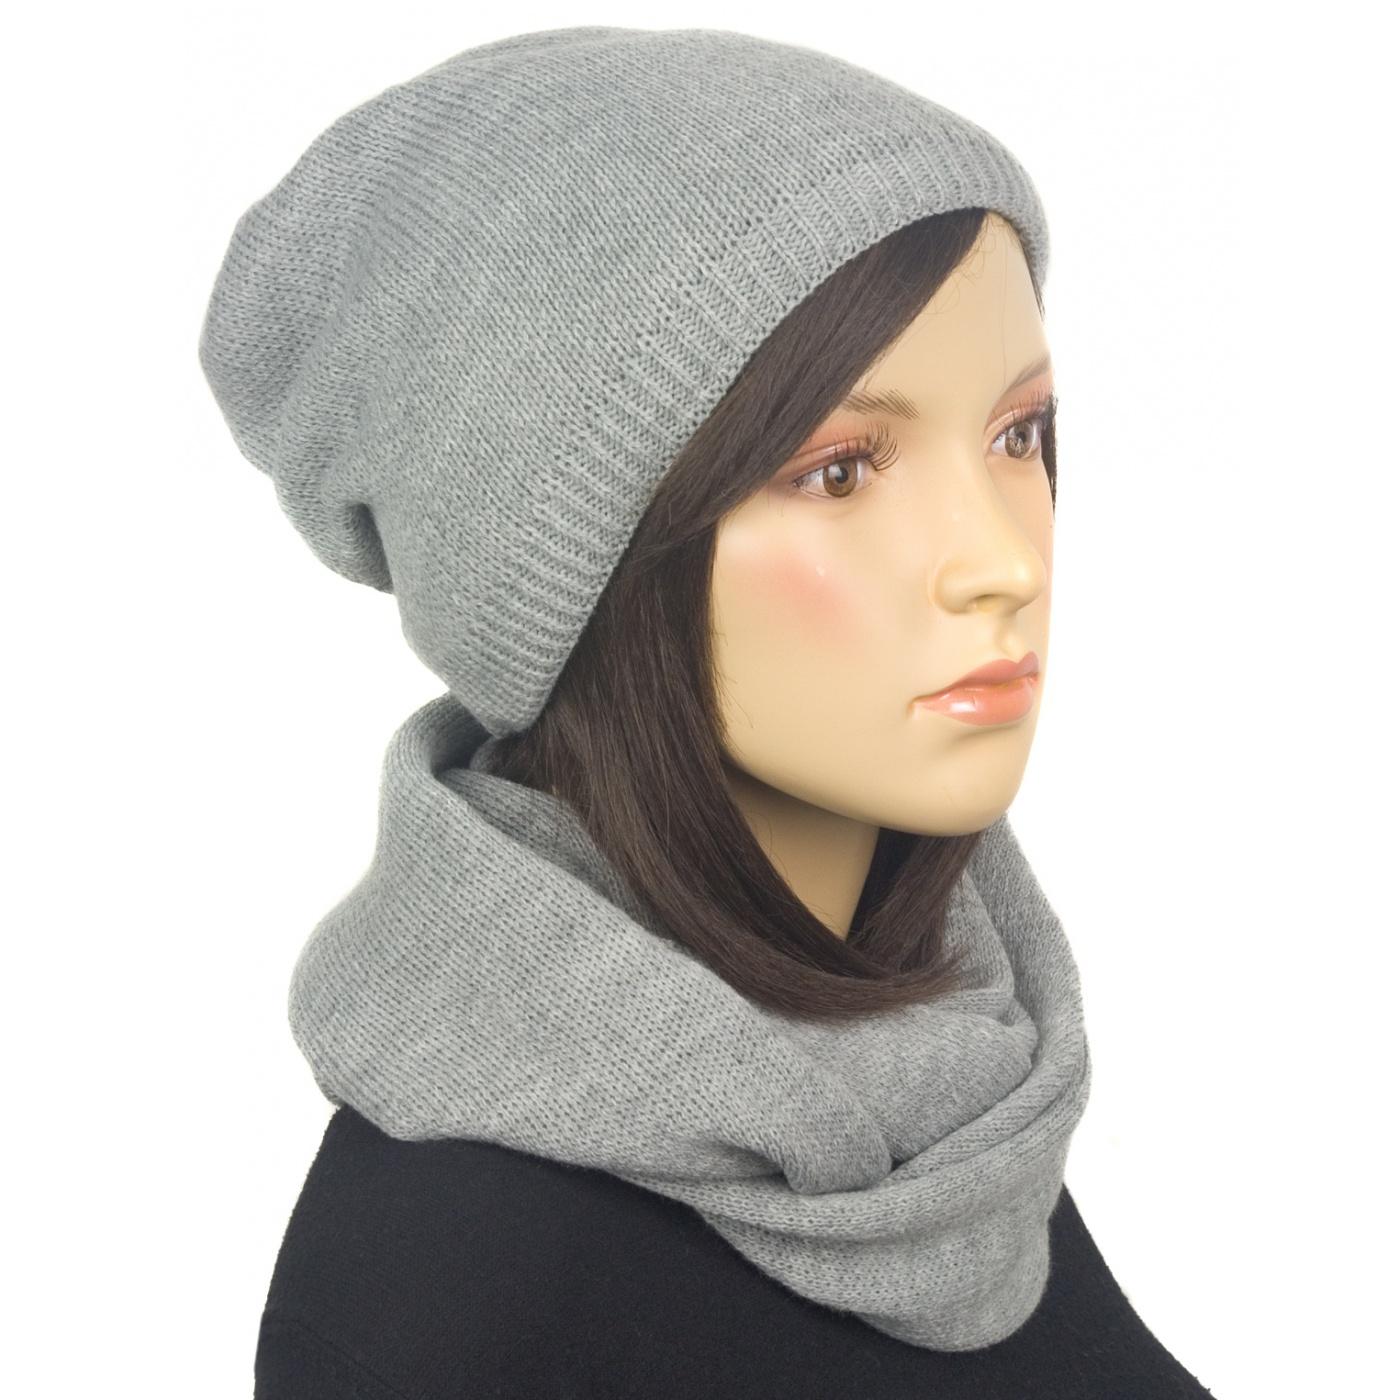 Komplet zimowy damski czapka i szalik komin - szary popielaty